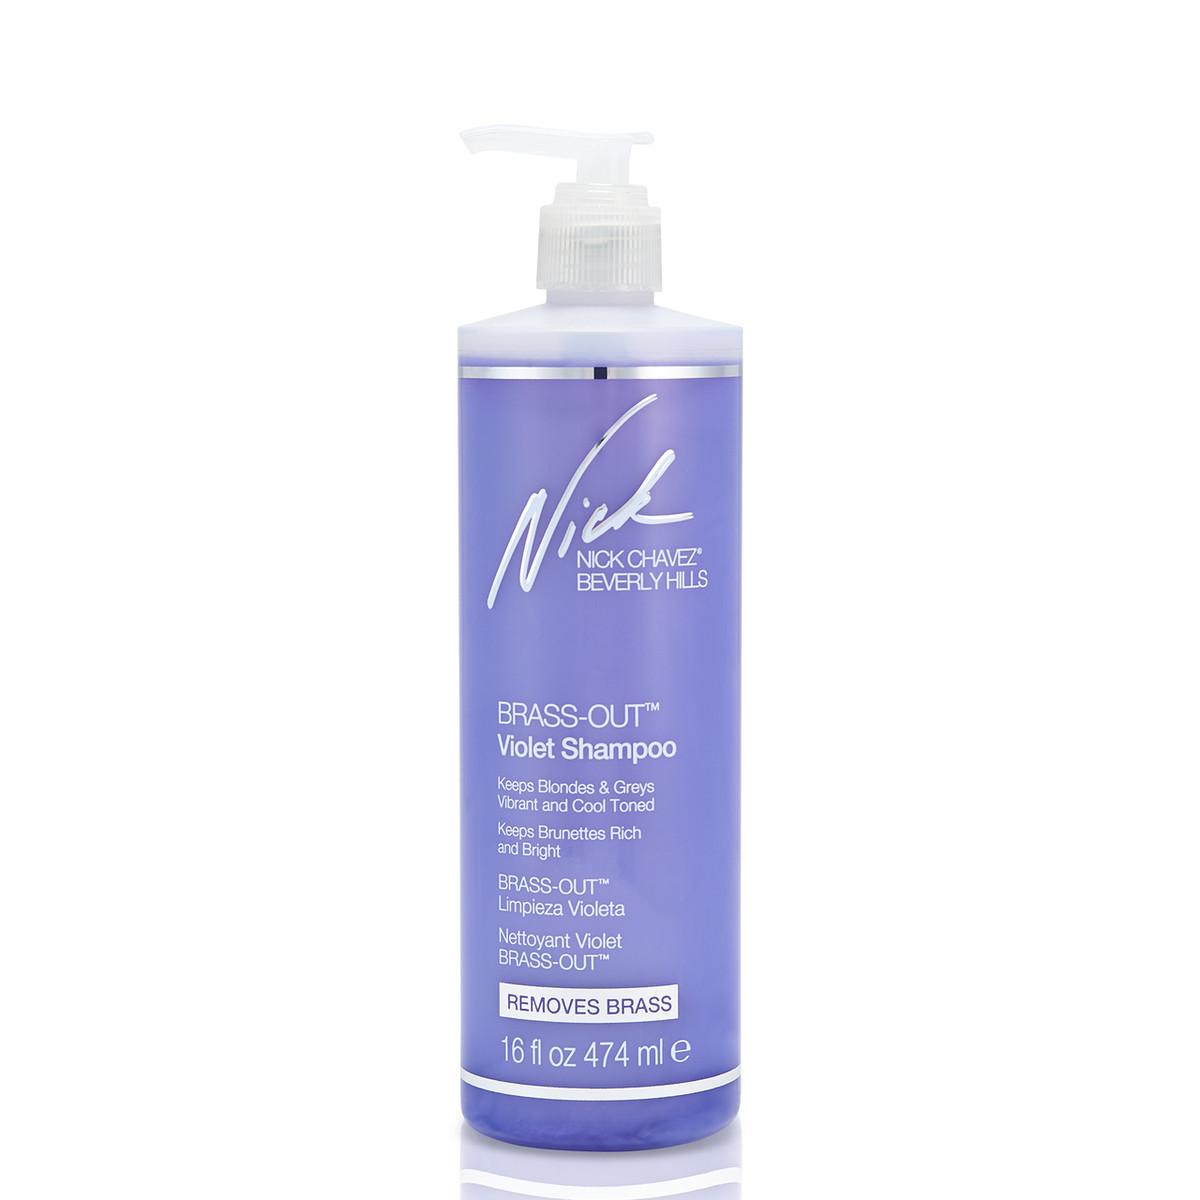 Brass Out Violet Shampoo